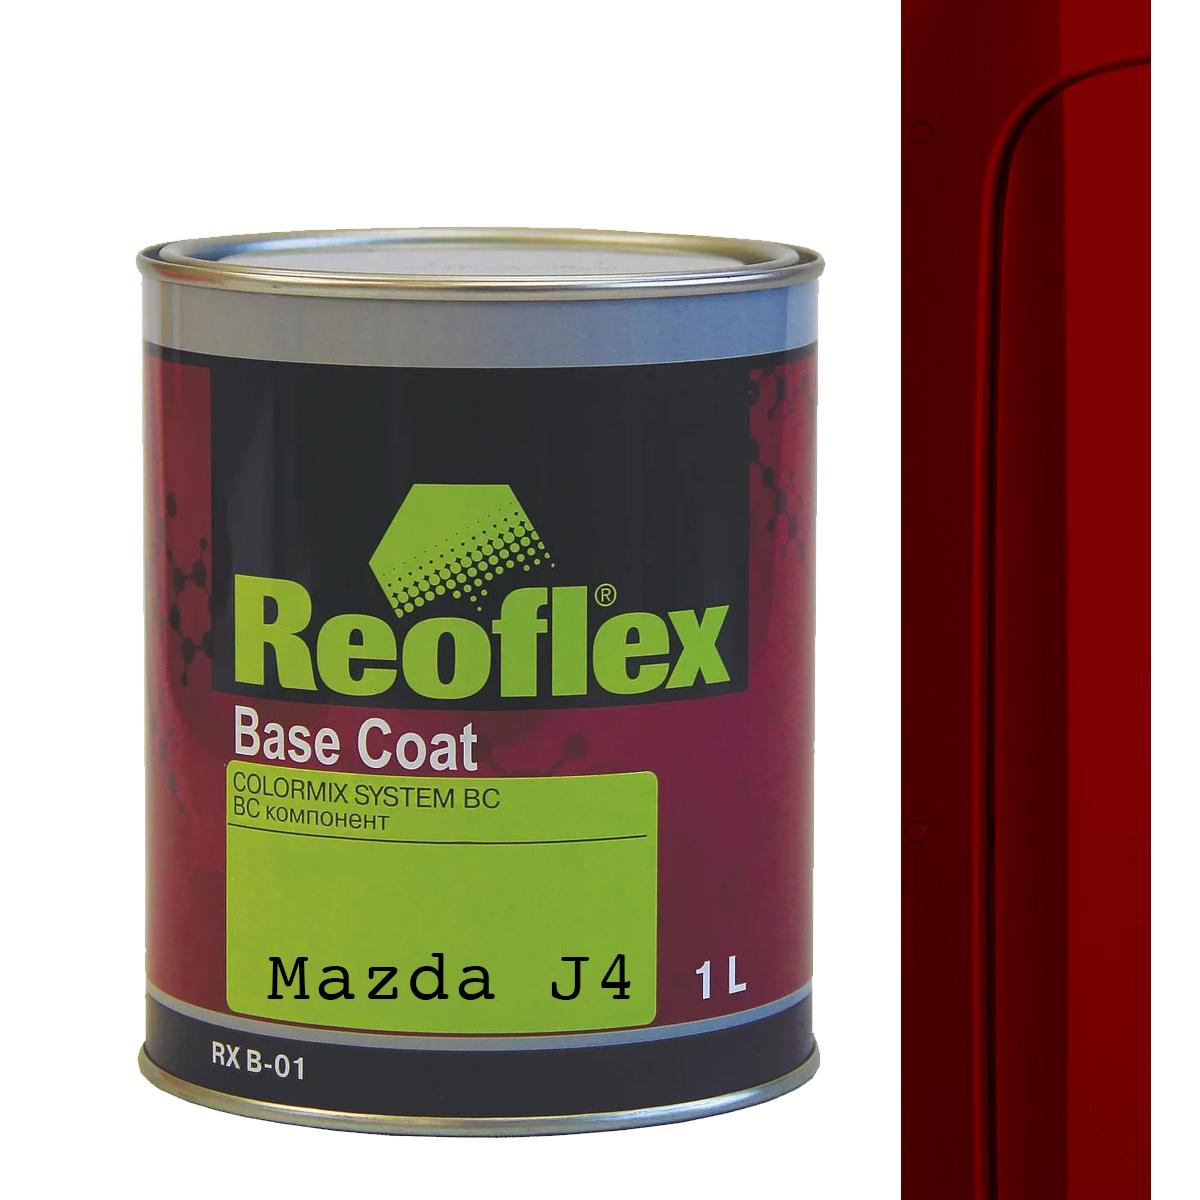 Reoflex Mazda J4